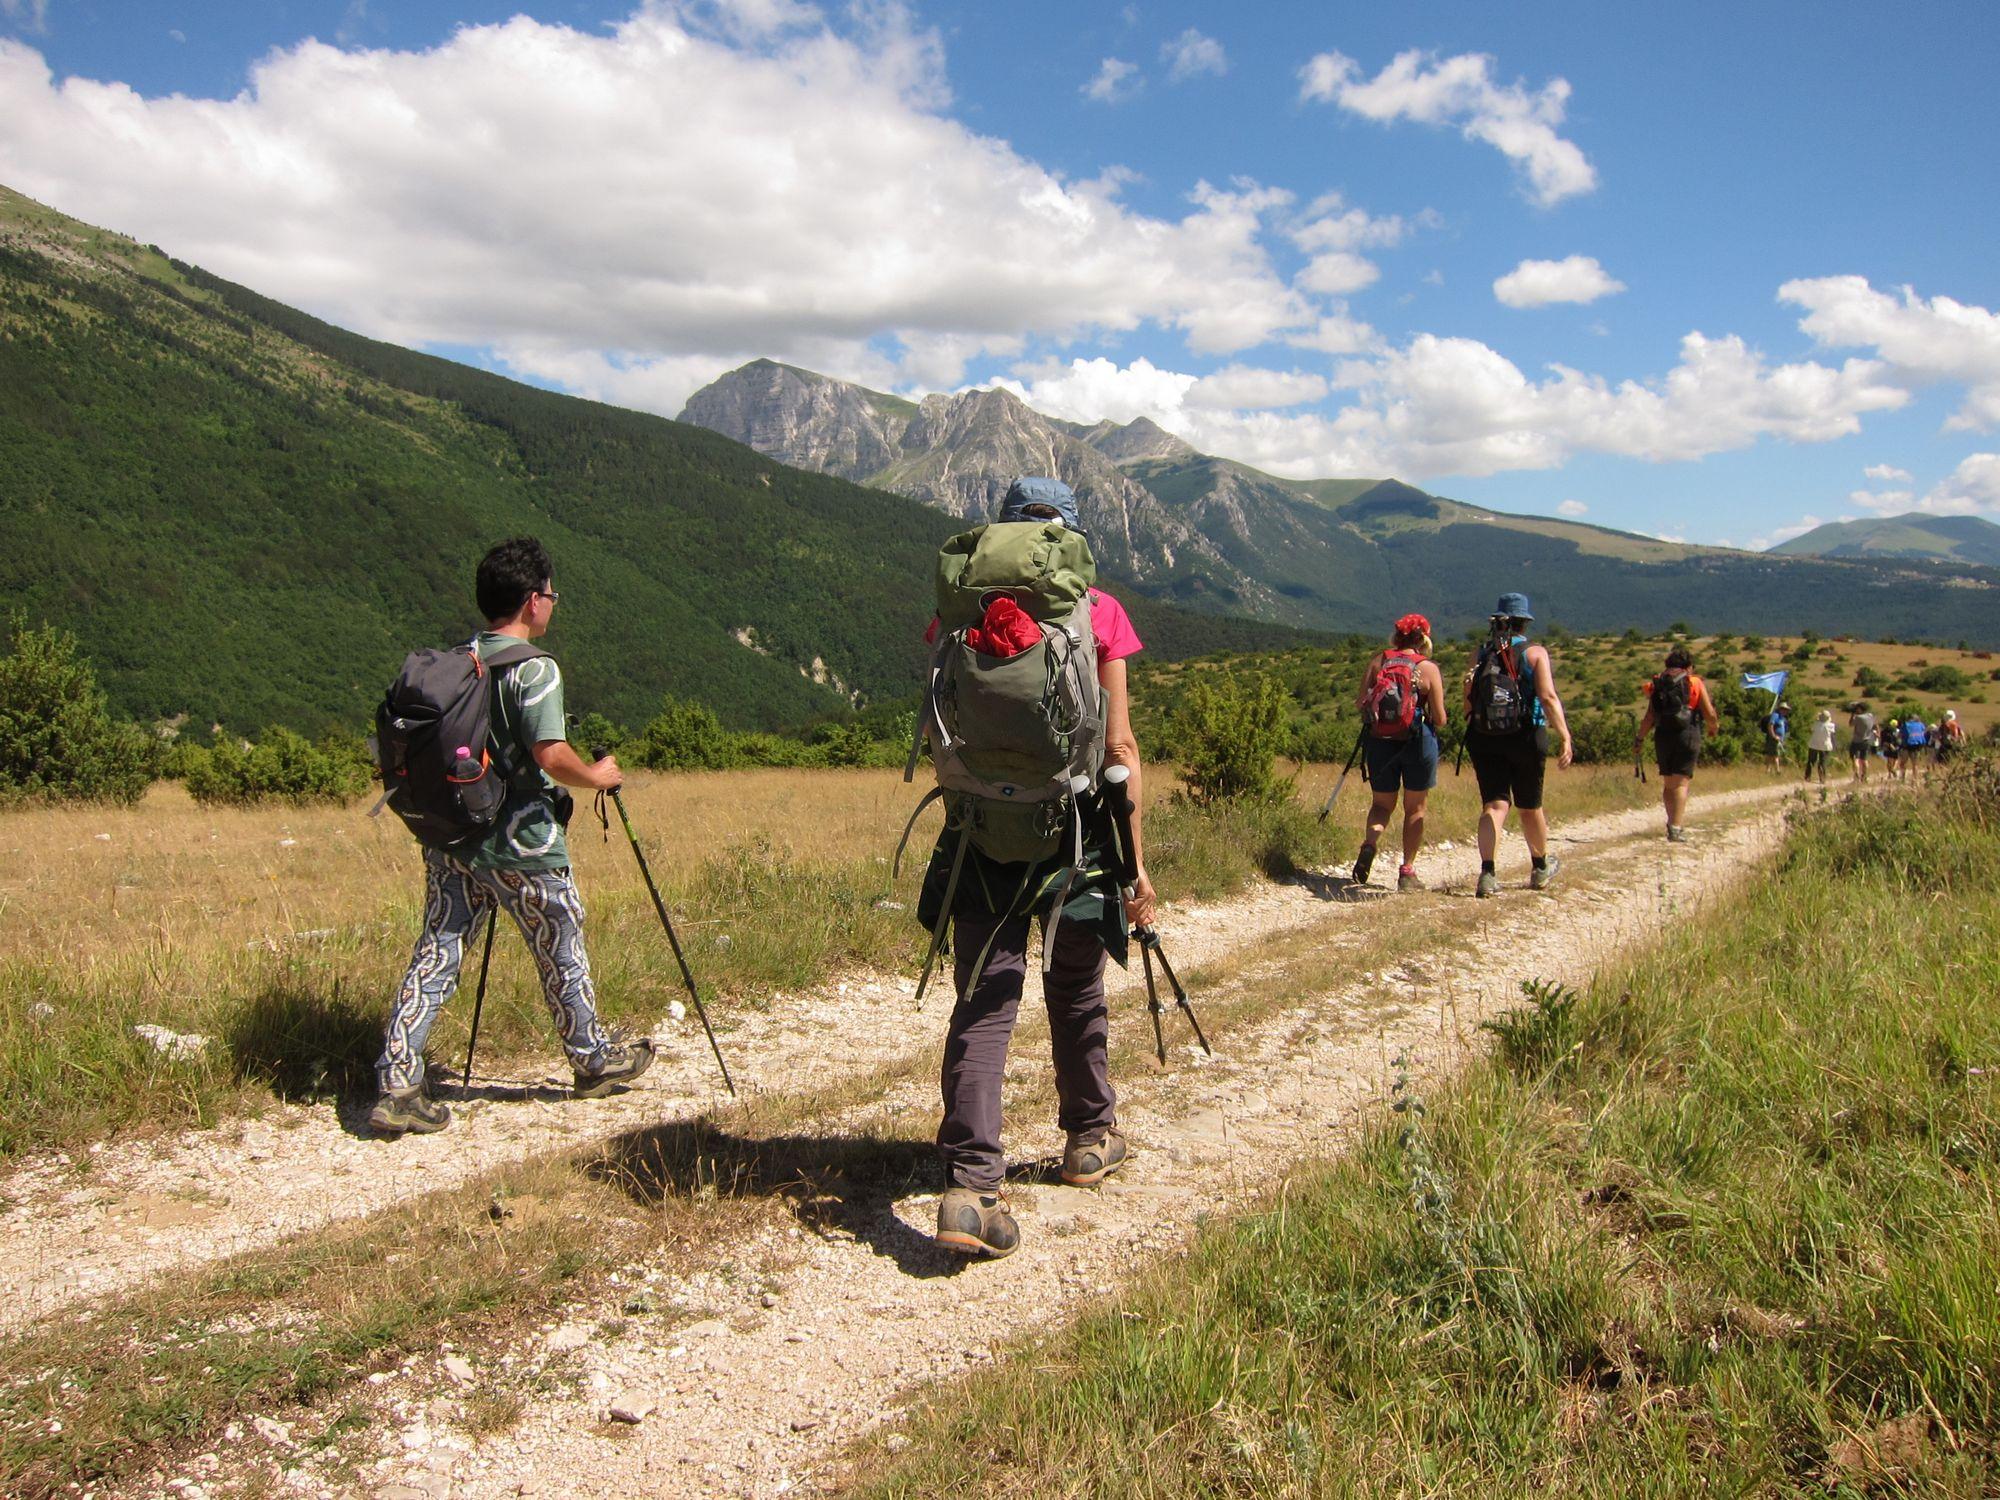 Il 2019 sarà l'anno del turismo lento in Italia